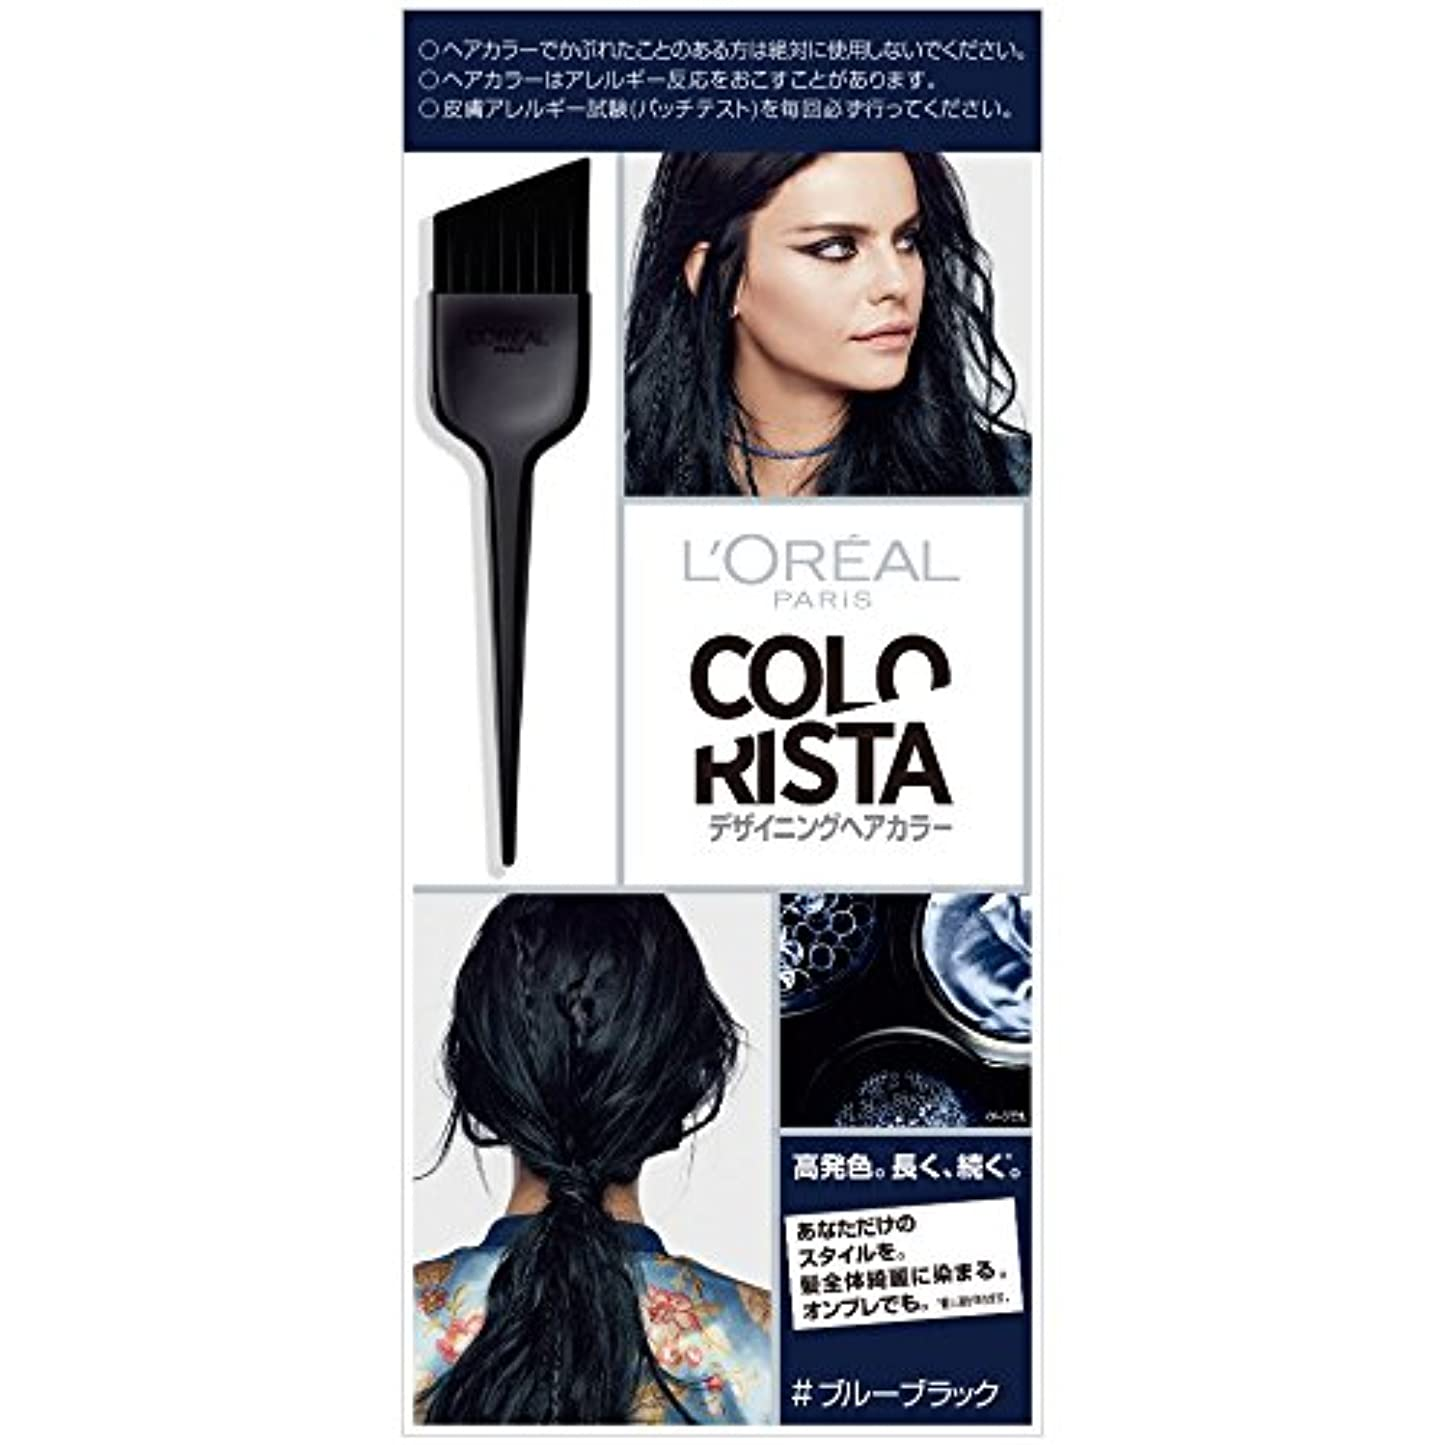 可動式頭蓋骨エンドテーブルロレアル パリ カラーリスタ デザイニングヘアカラー ブルーブラック